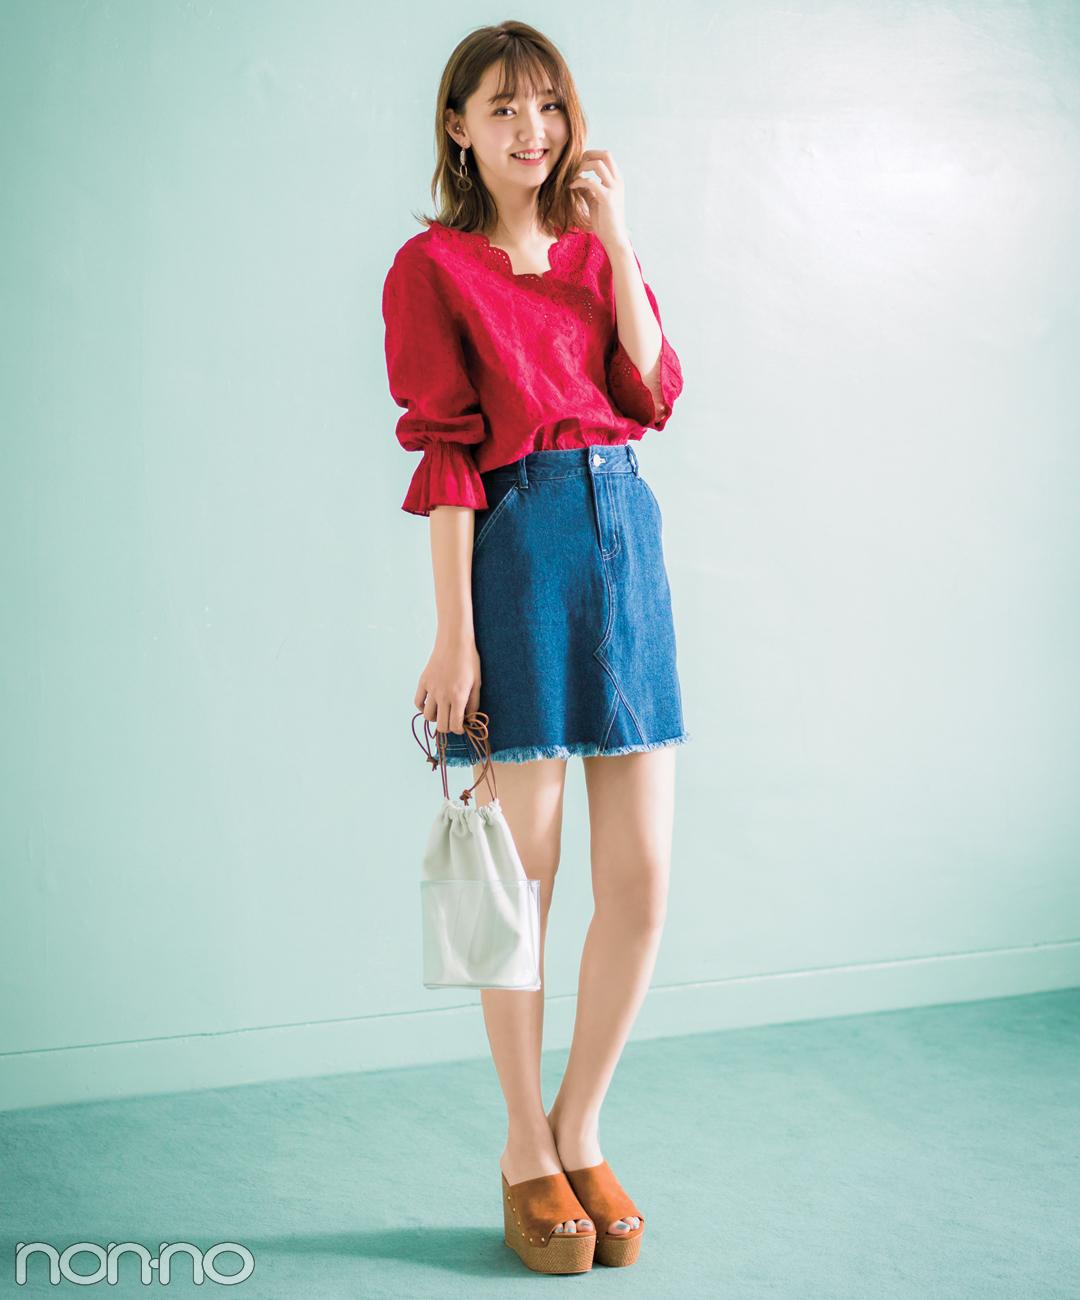 【夏のデニムコーデ】江野沢愛美は洗練の赤トップスでデニムを大人に♪